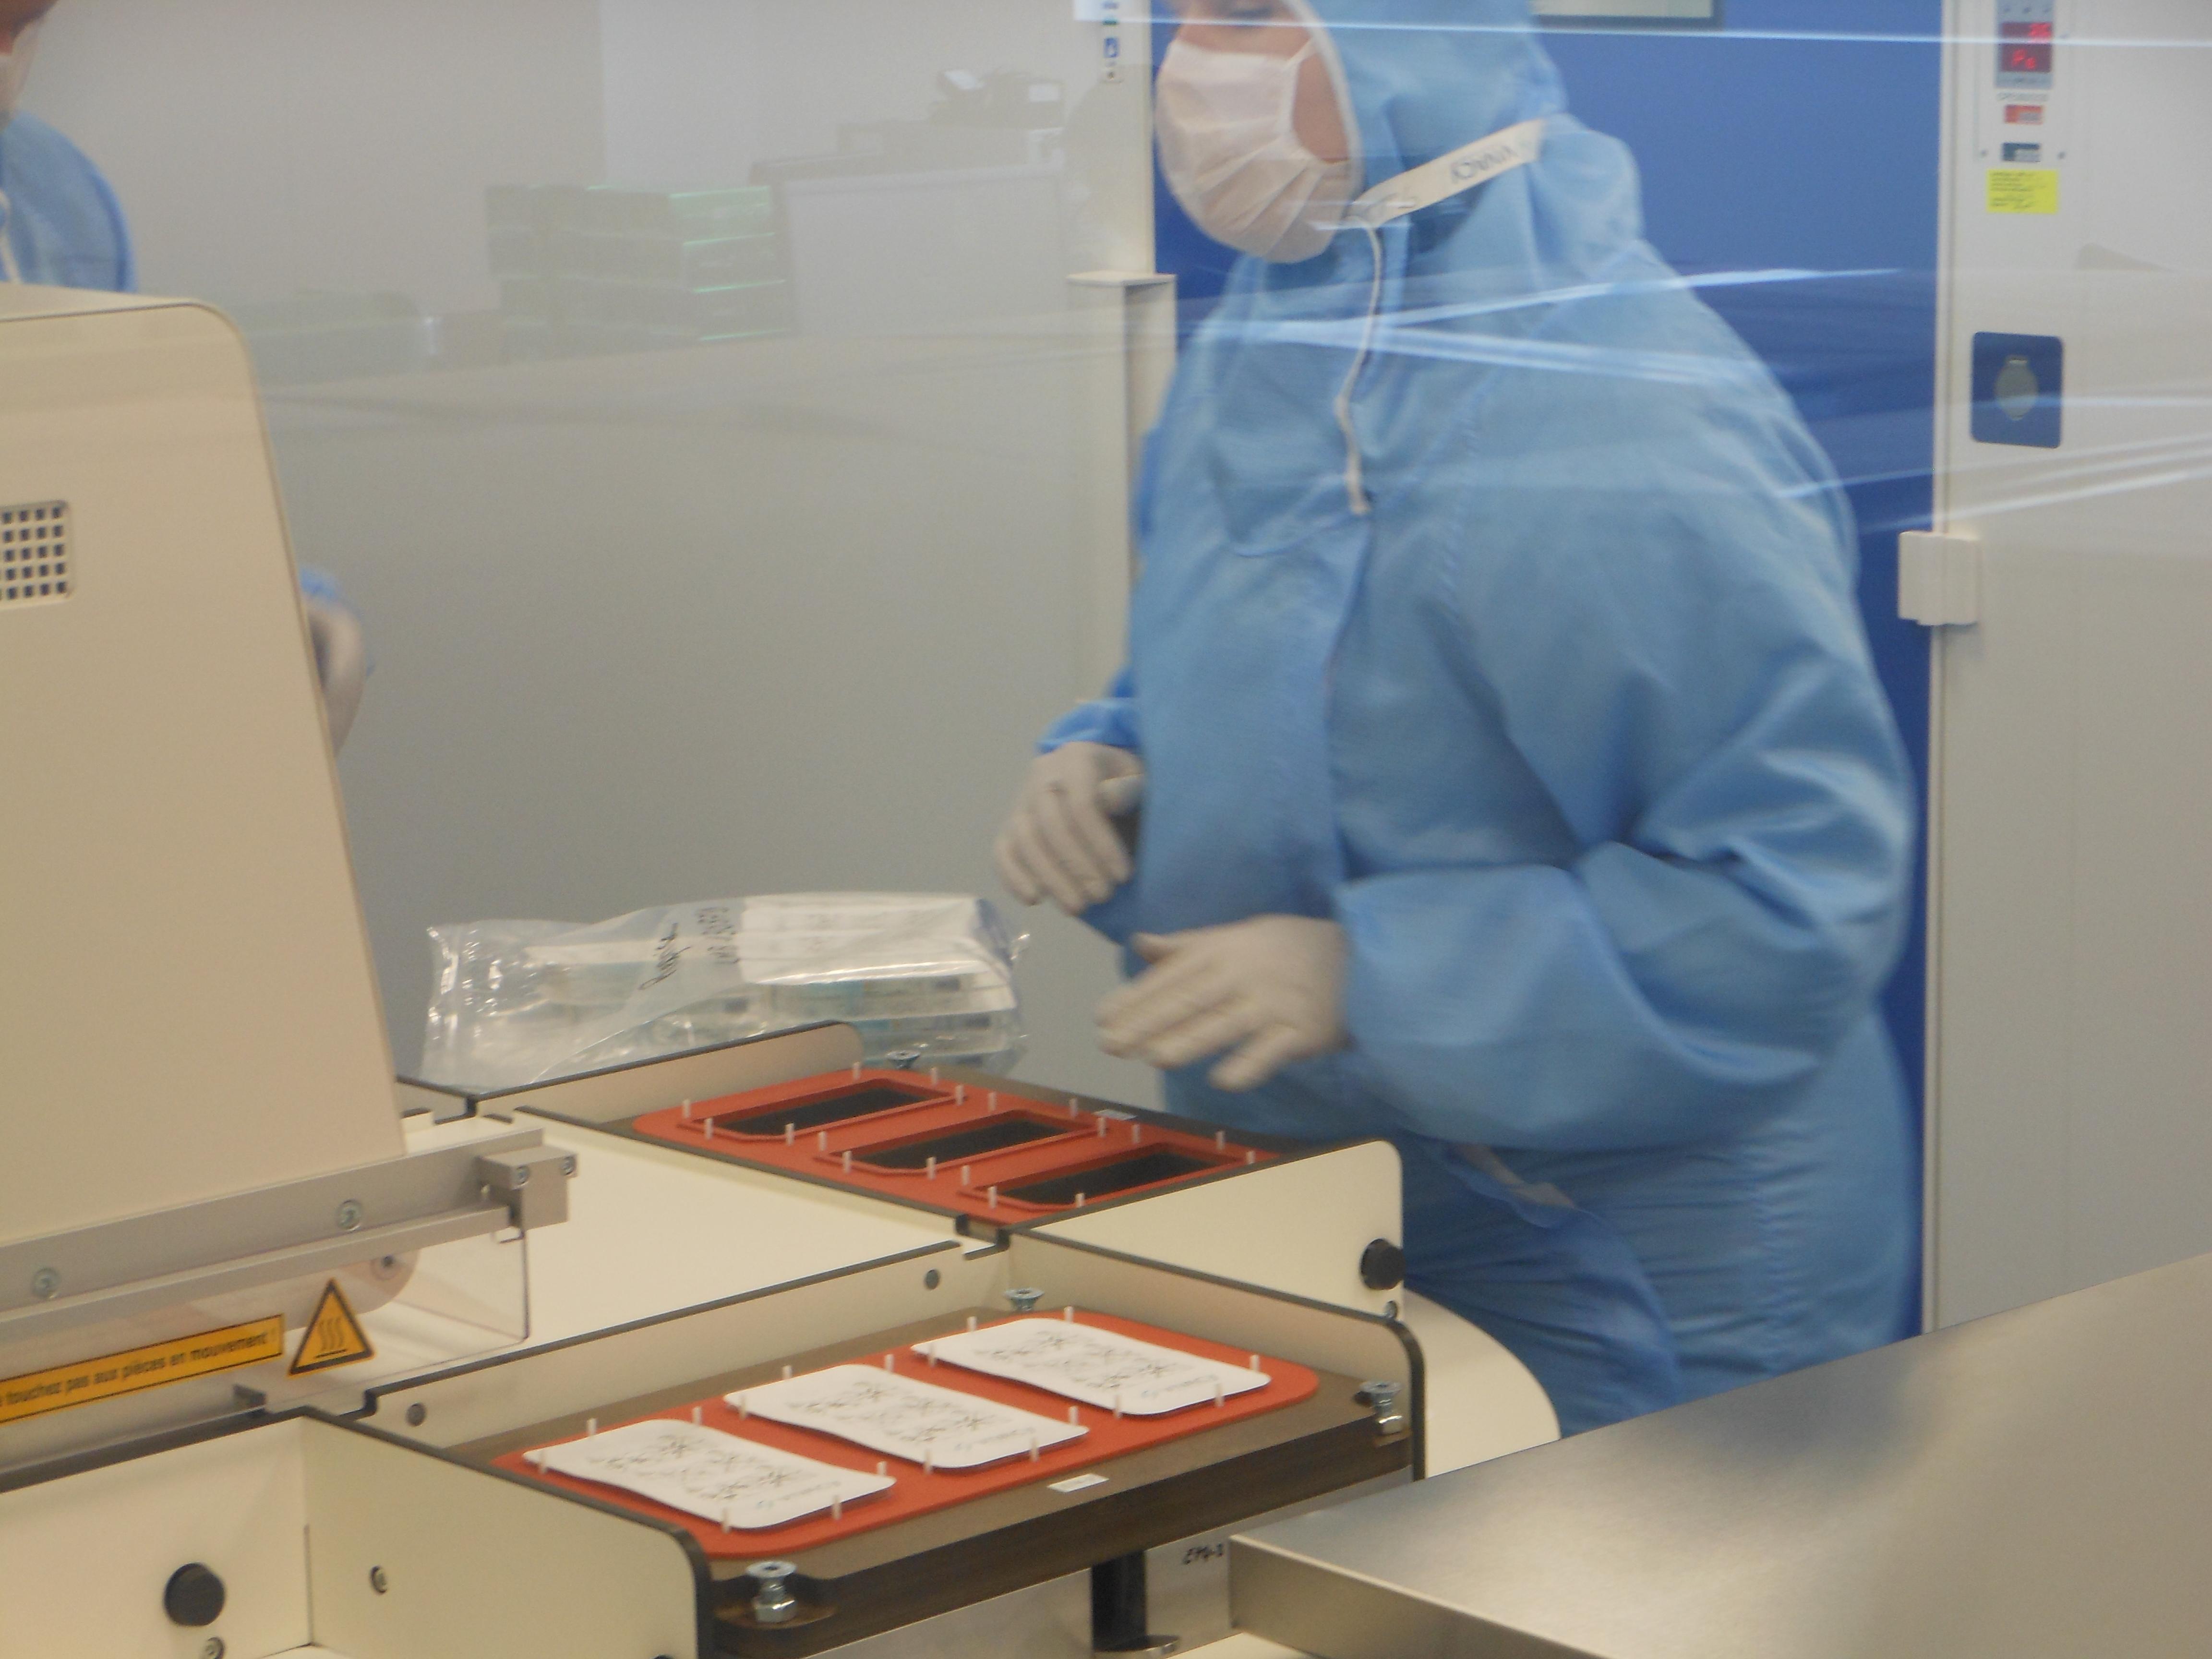 Laboratoires Vivacy´s fabrik i Frankrike där de tillverkar hudfillern Stylage som innehåller syntetisk hyaluronsyra.